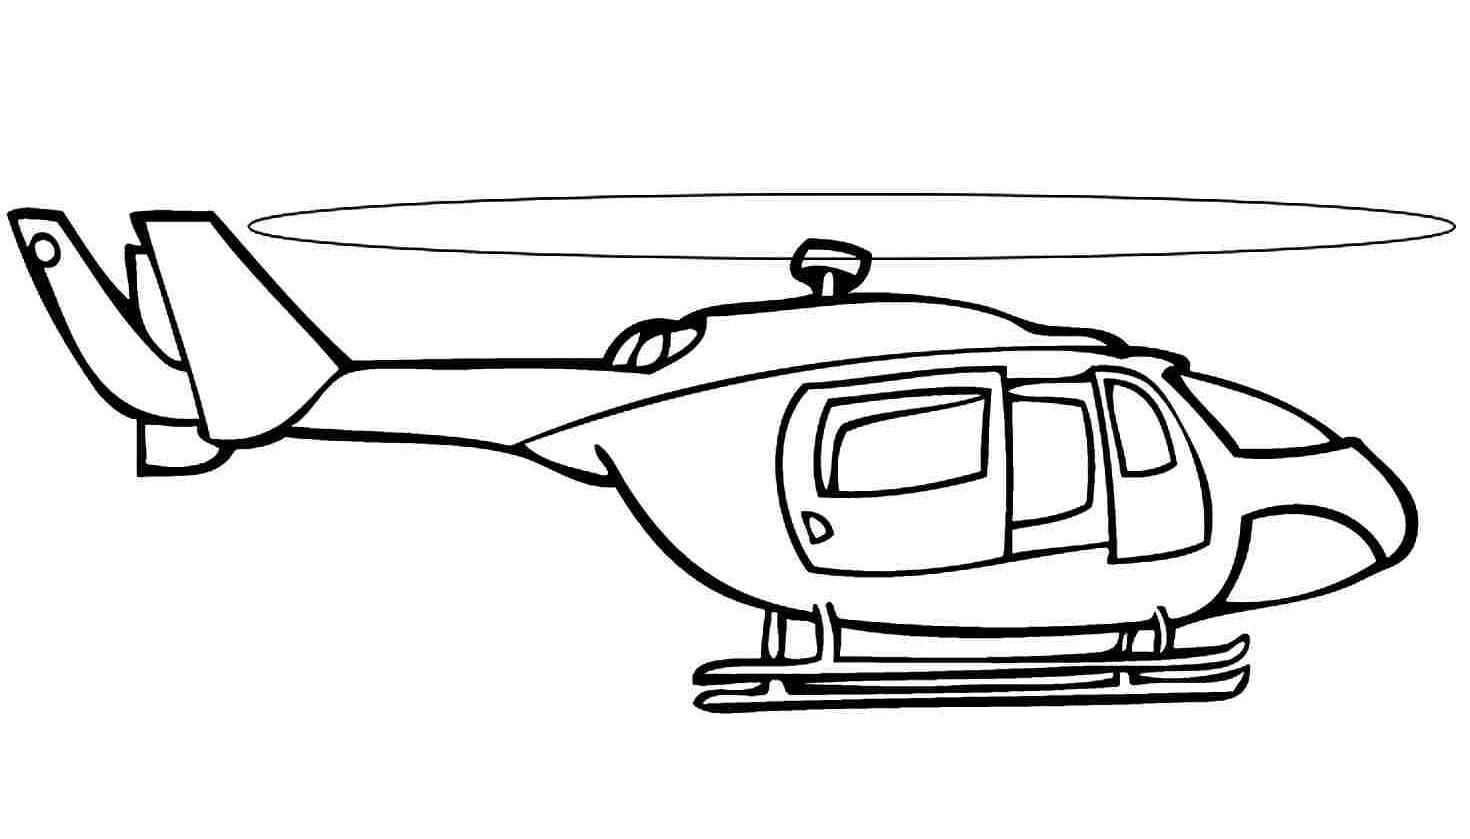 Hình tô màu máy bay trực thăng đơn giản